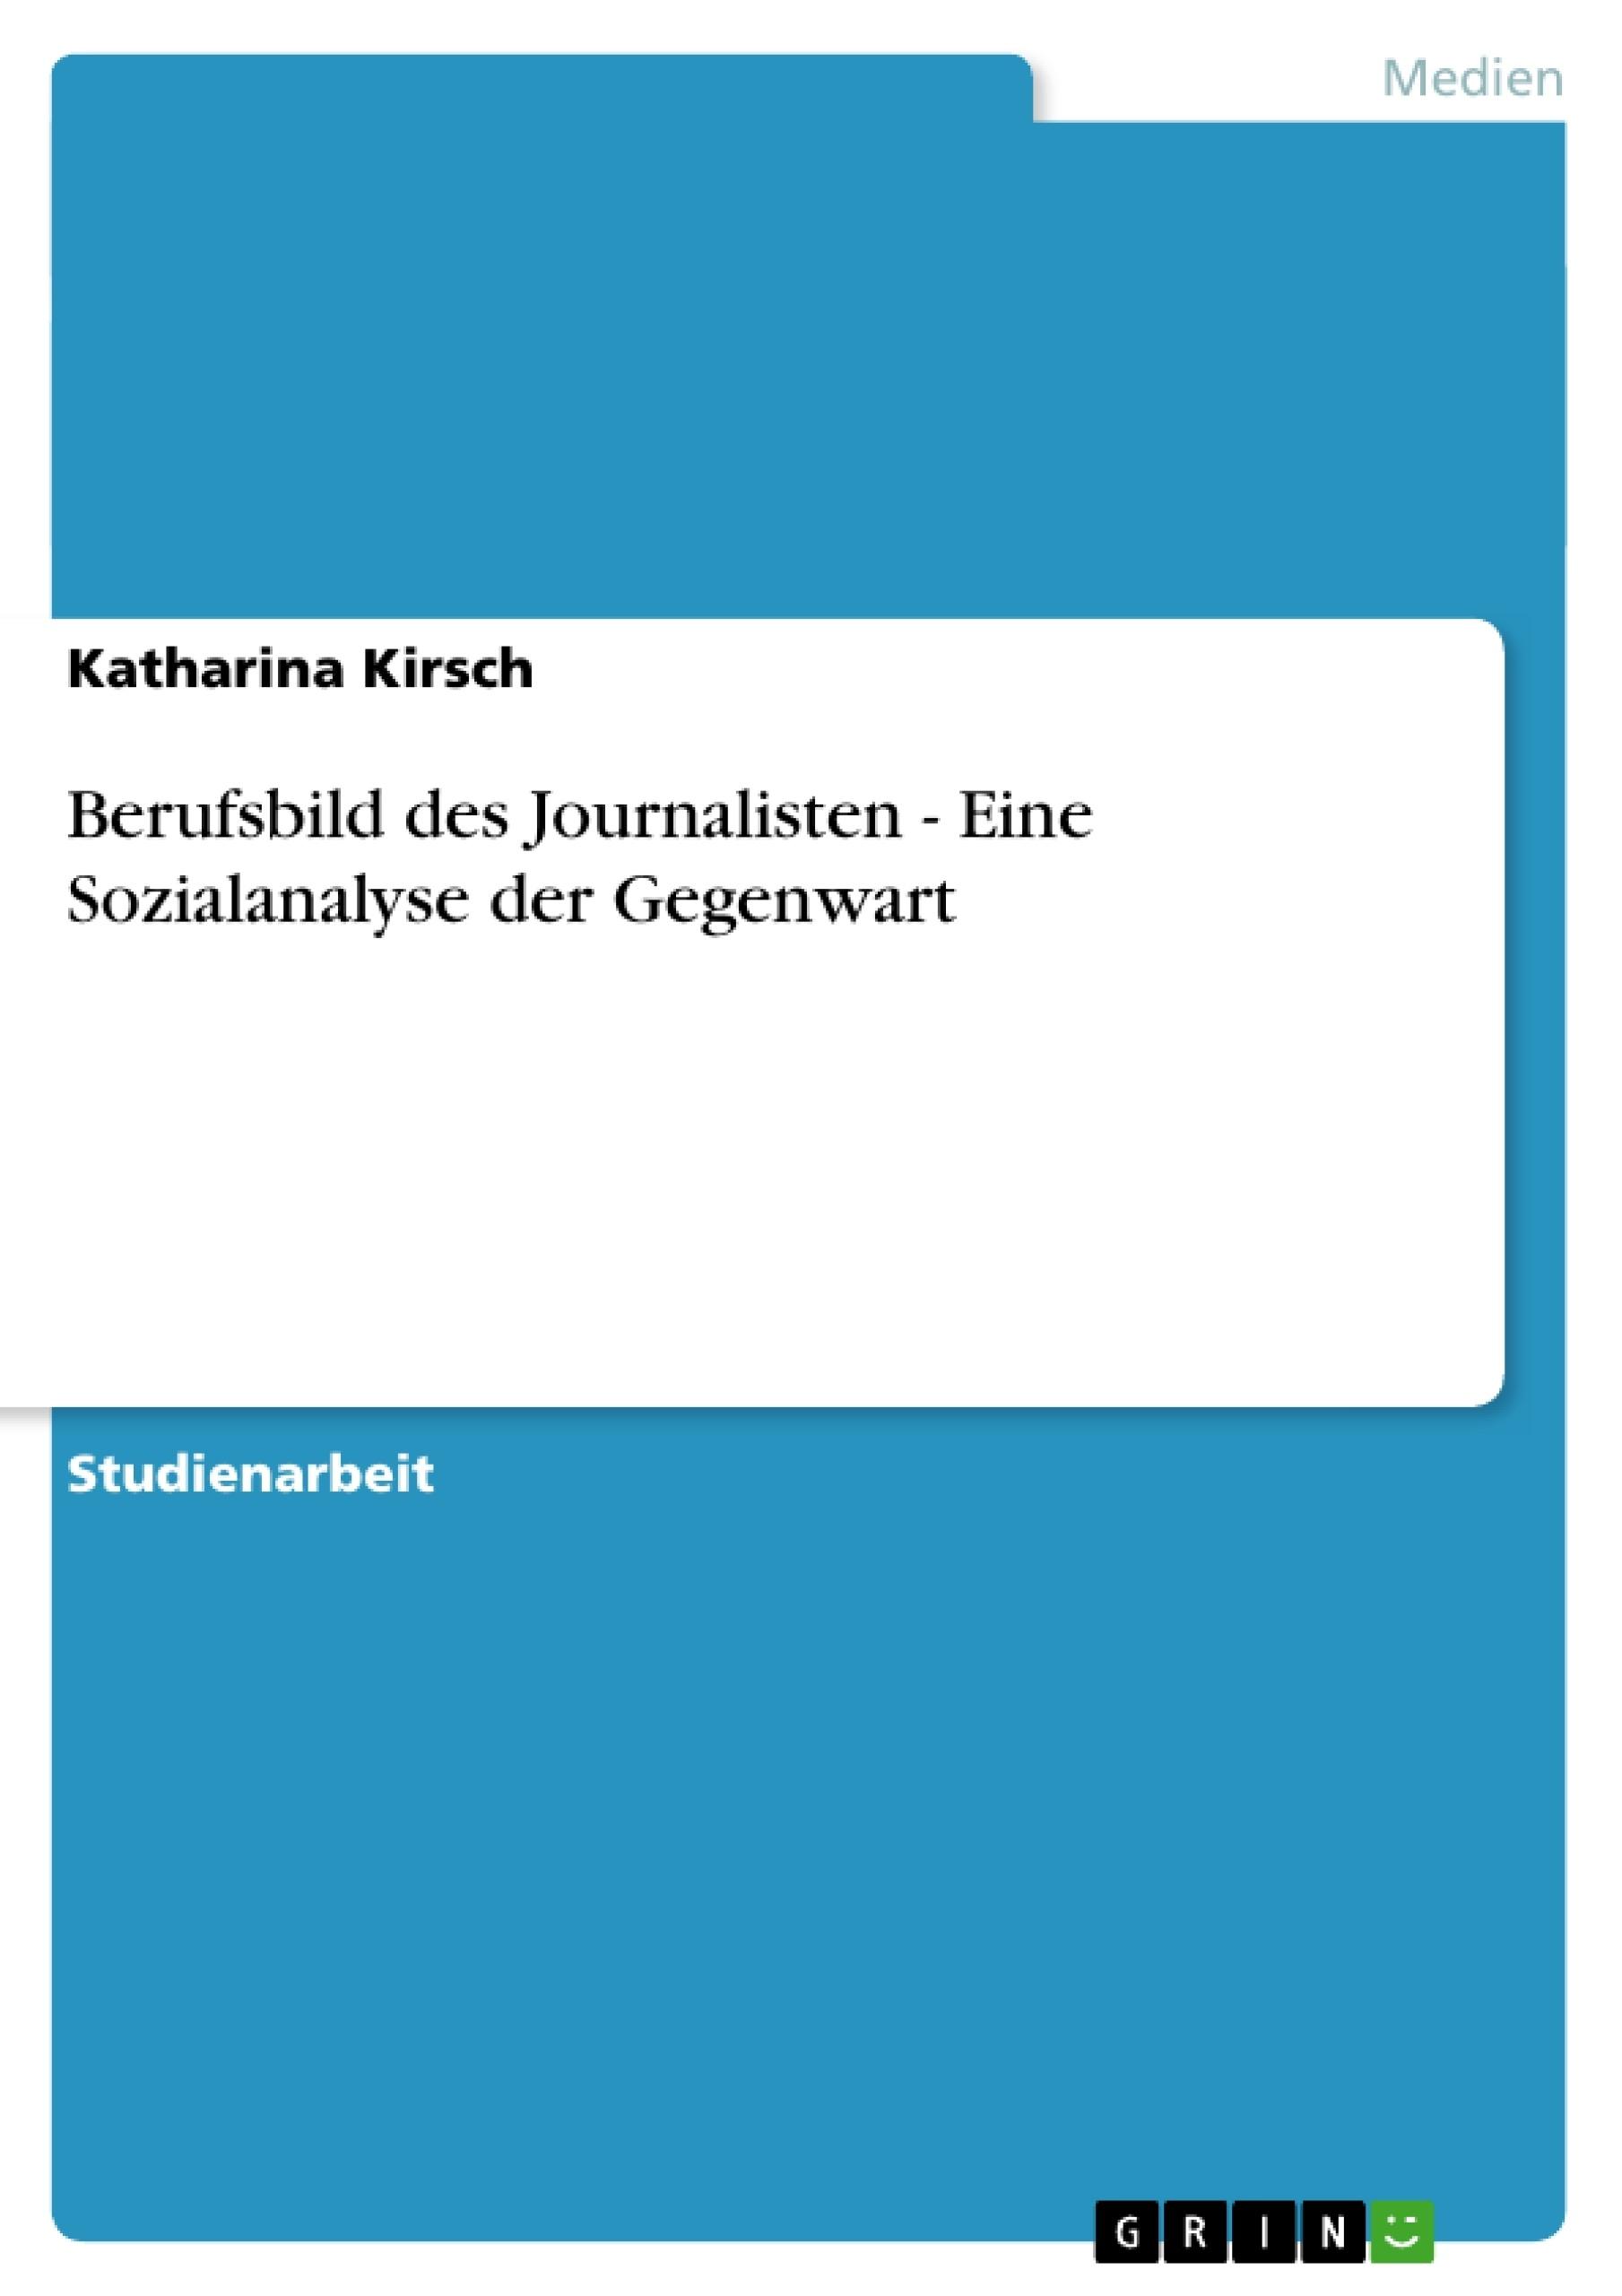 Titel: Berufsbild des Journalisten - Eine Sozialanalyse der Gegenwart